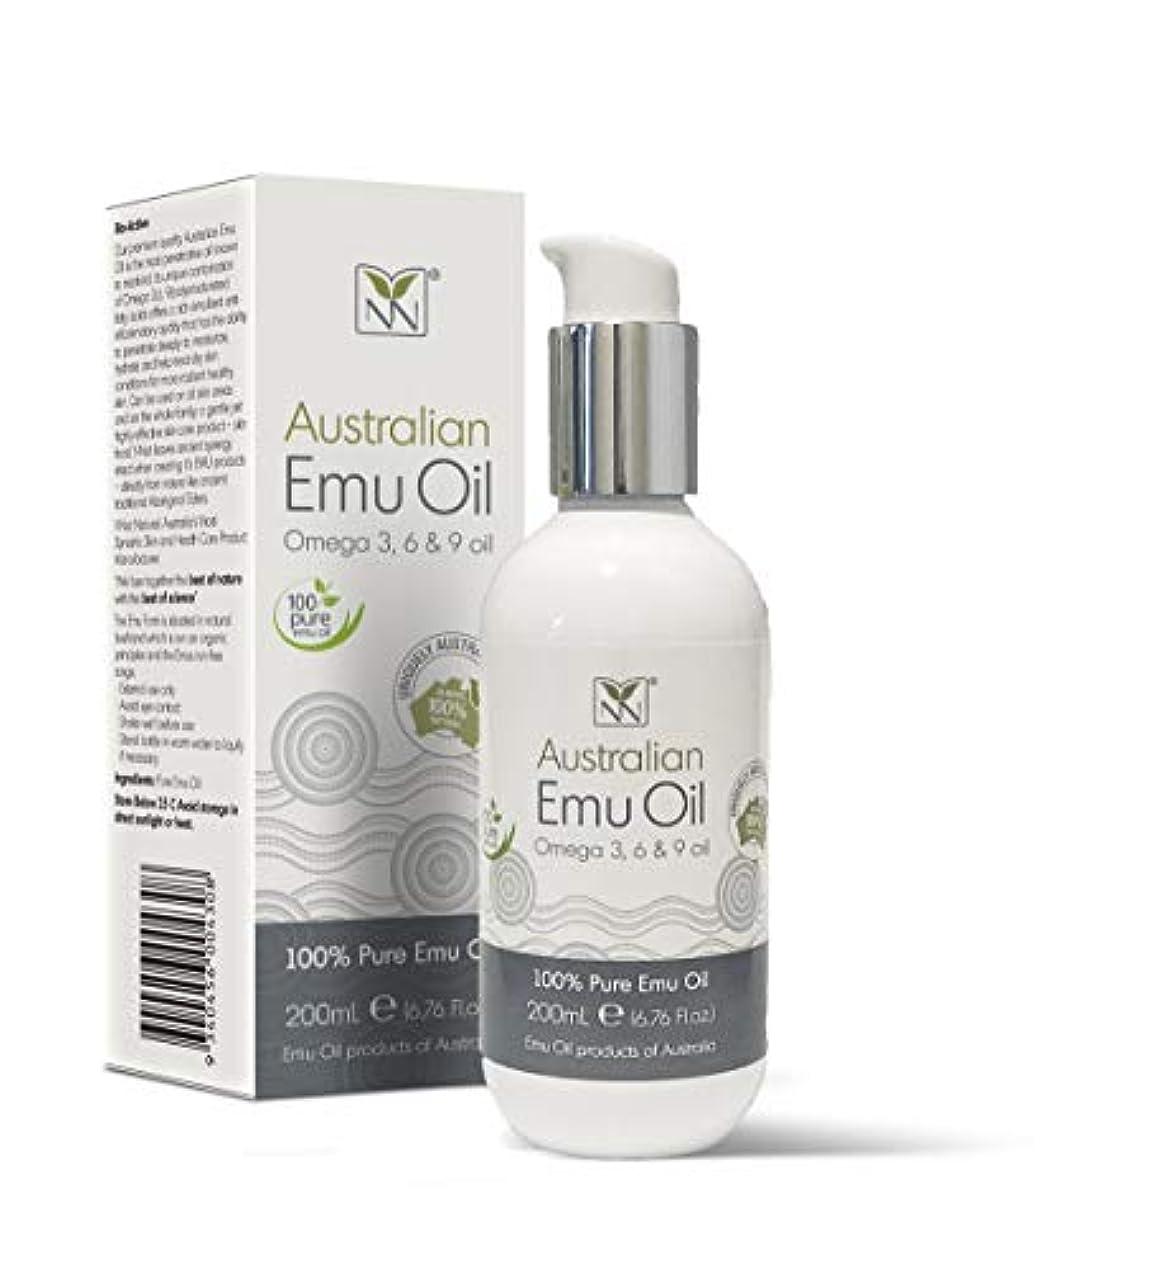 誠意の慈悲で以下Y Not Natural エミューオイル EMU OIL 無添加100% 保湿性 浸透性 抜群 プレミアム品質 エミュー油 (200 ml)